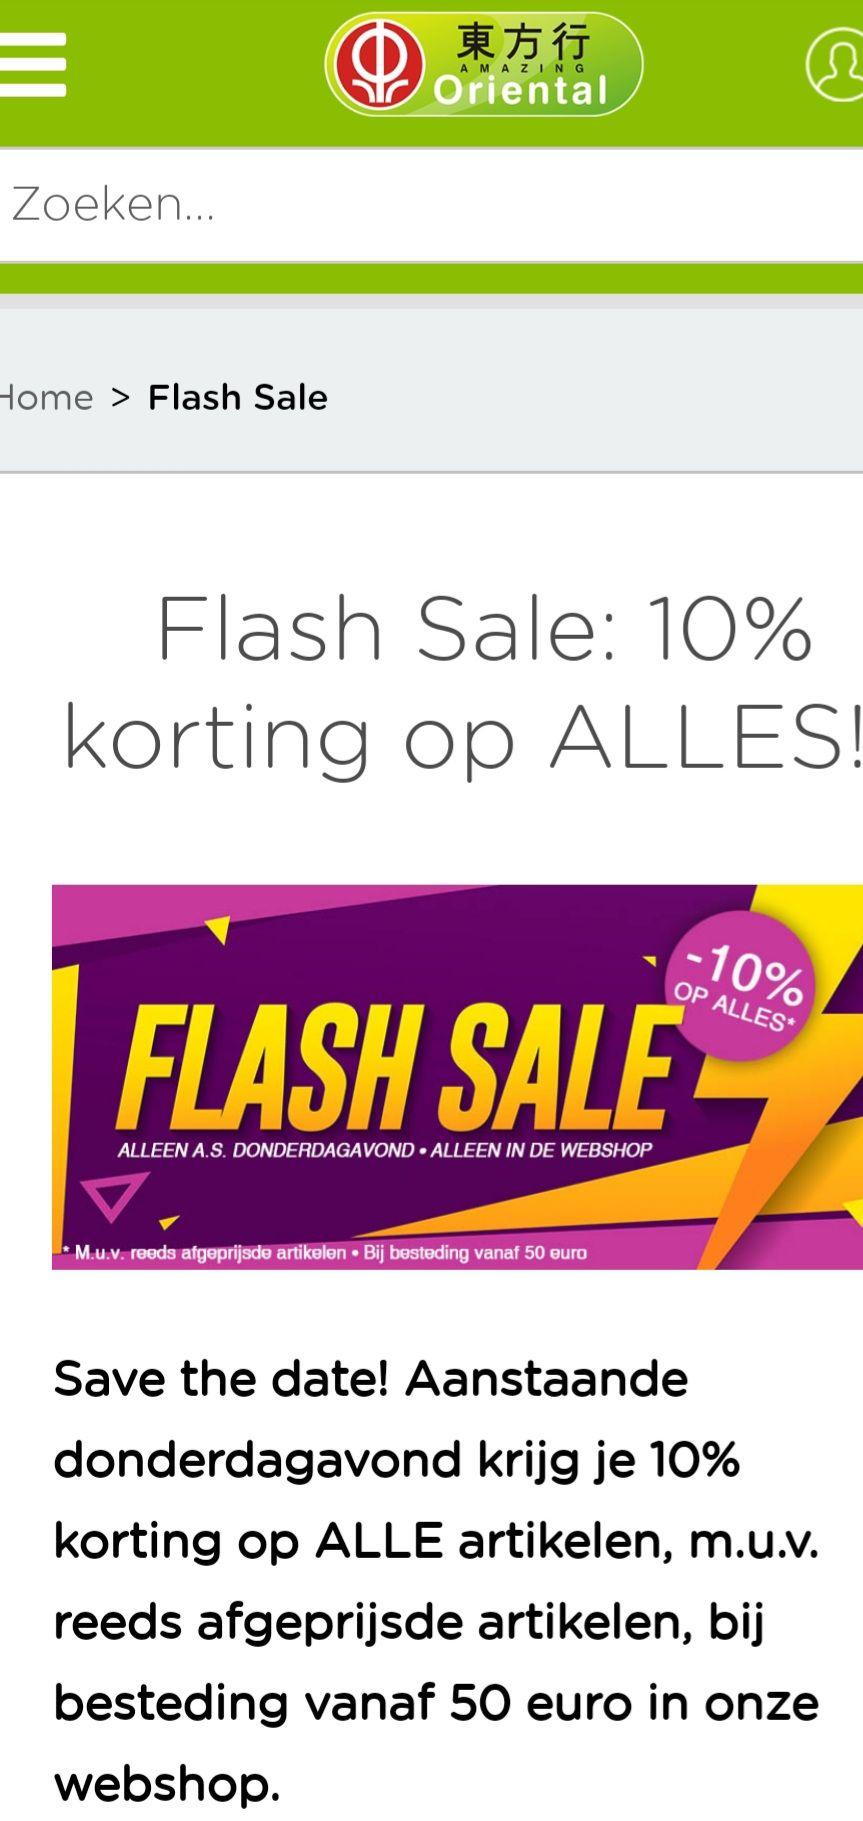 Flashsale Oriental Webshop 10% korting op alles